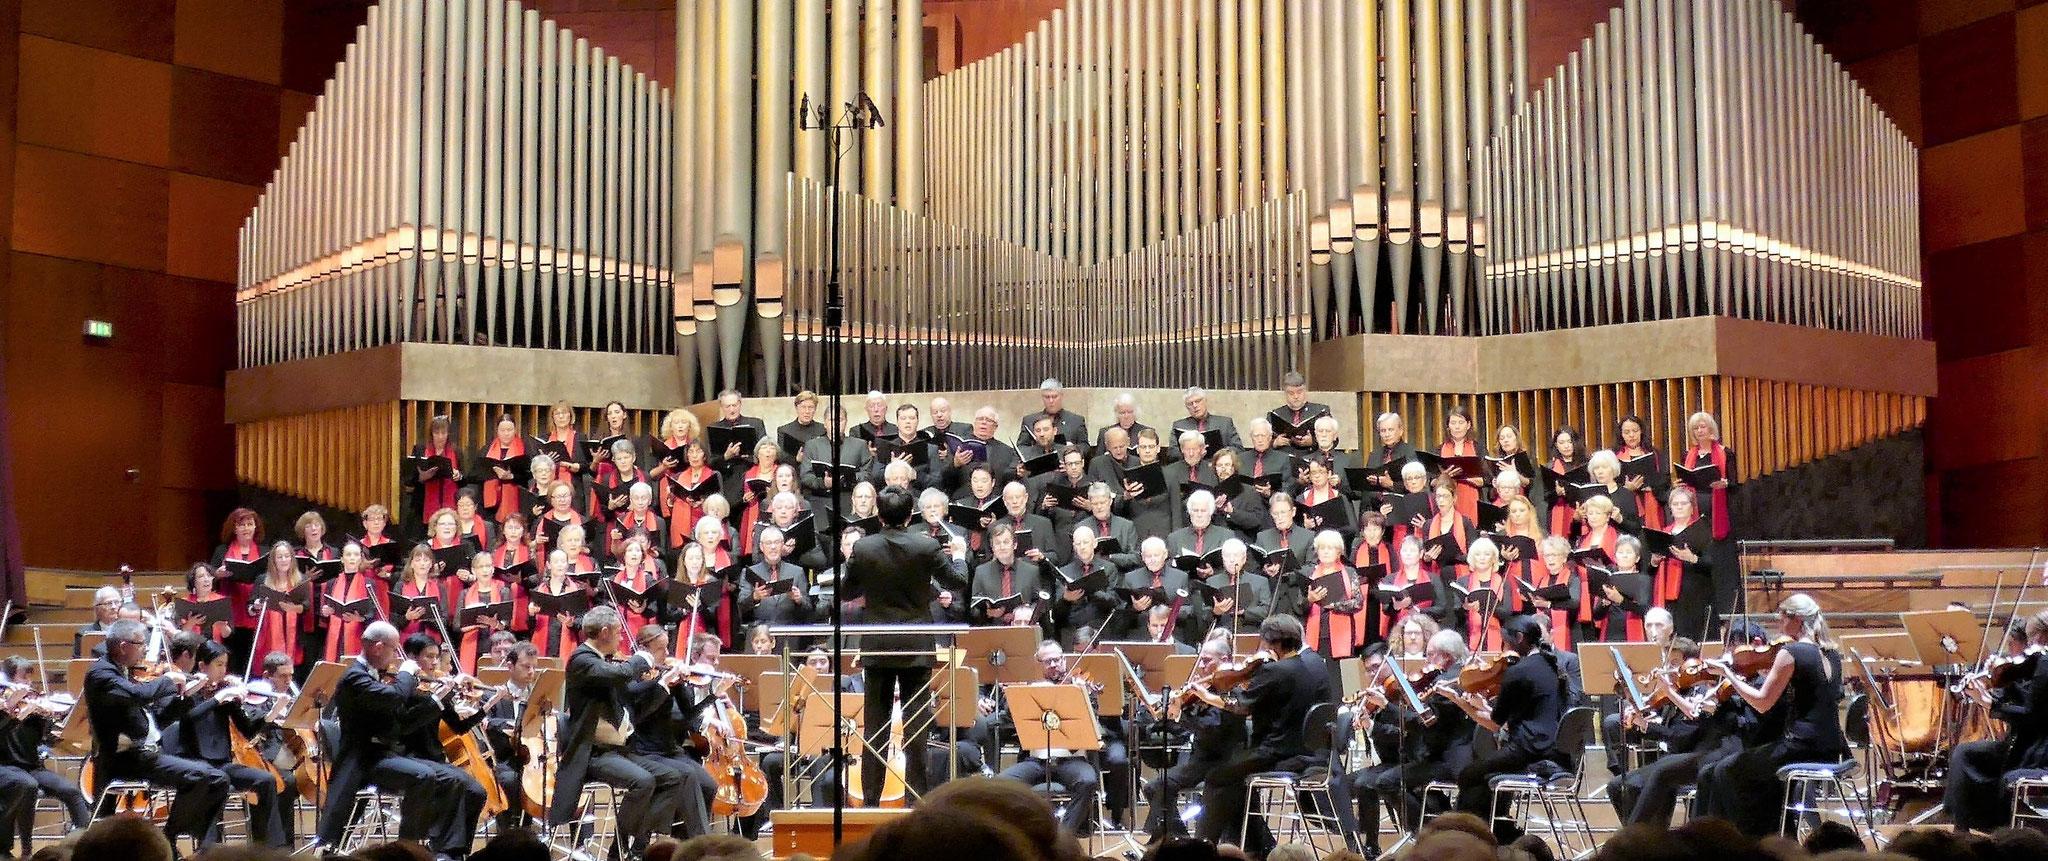 2018 Jahresschlusskonzert, 9. Symphonie von Beethoven mit Kahchun Wong